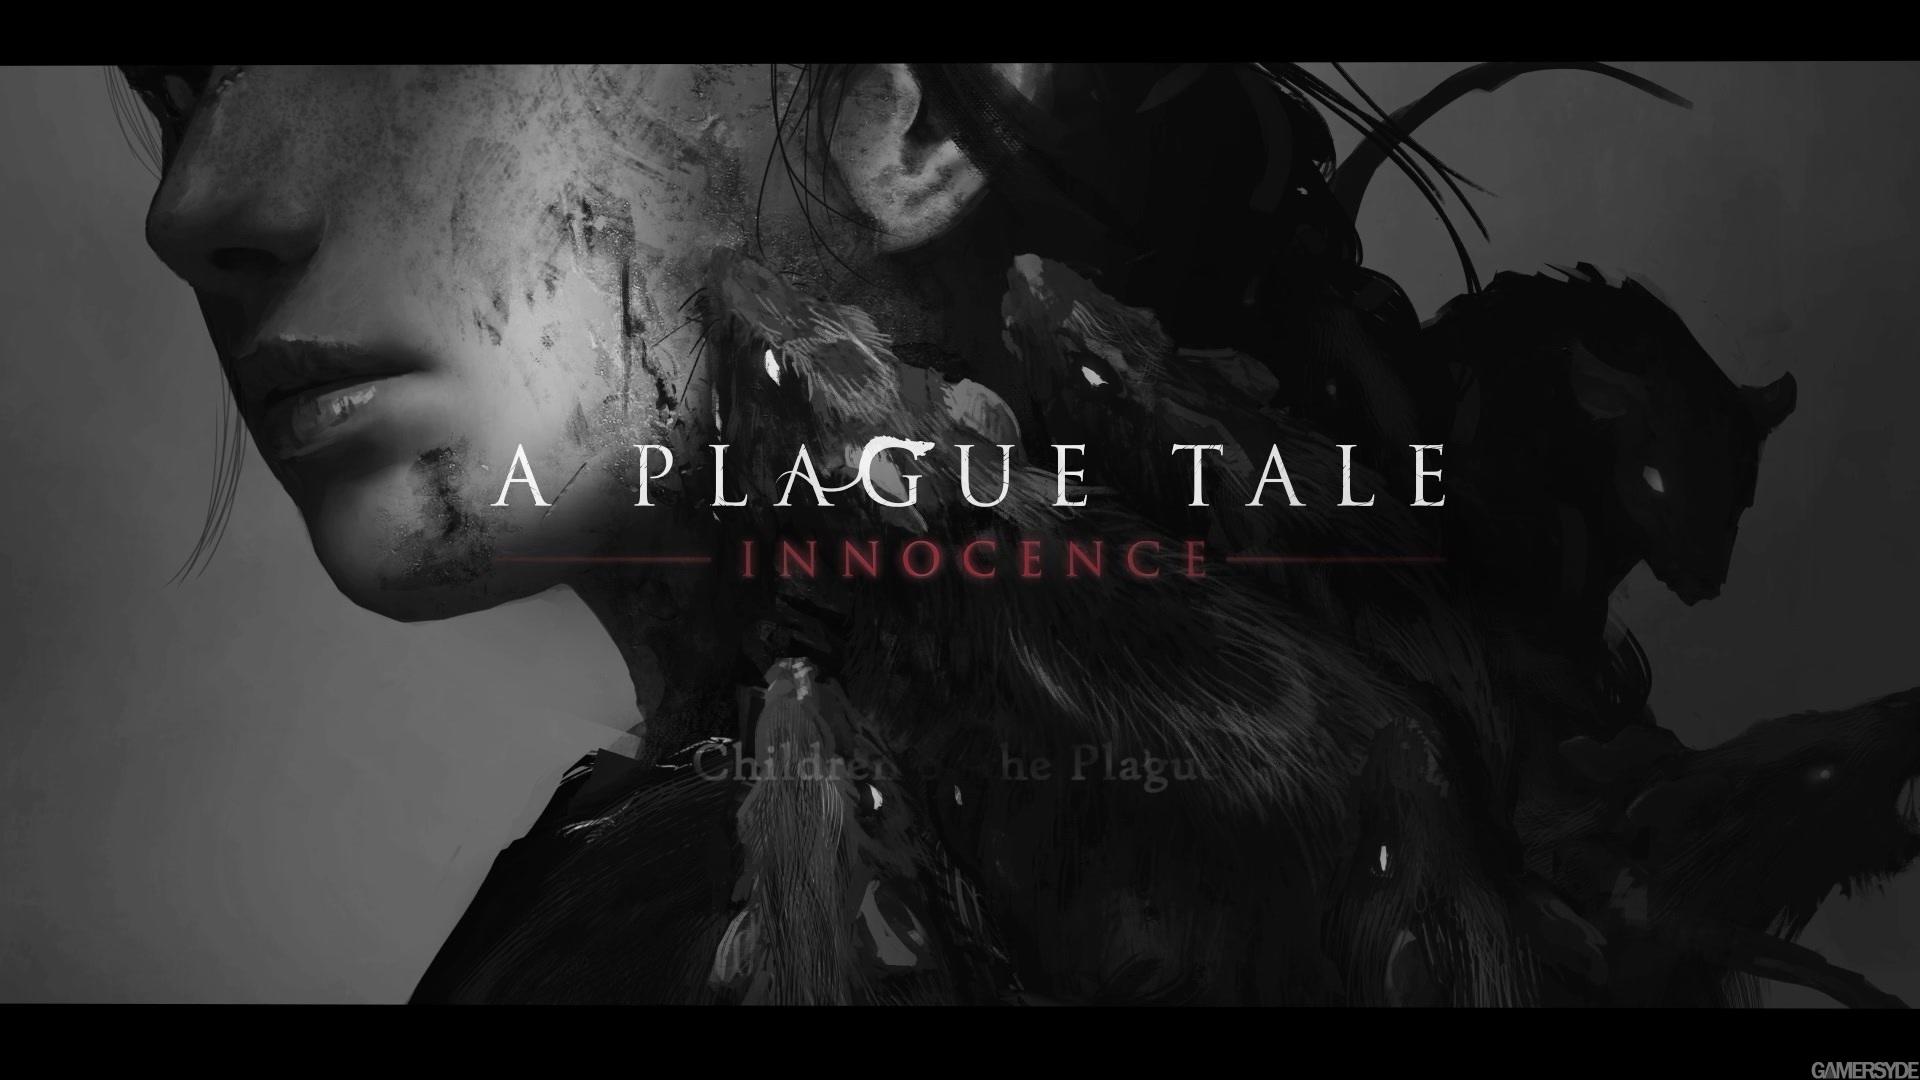 A Plague Tale Innocence Webseries 3 Children Of The Plague